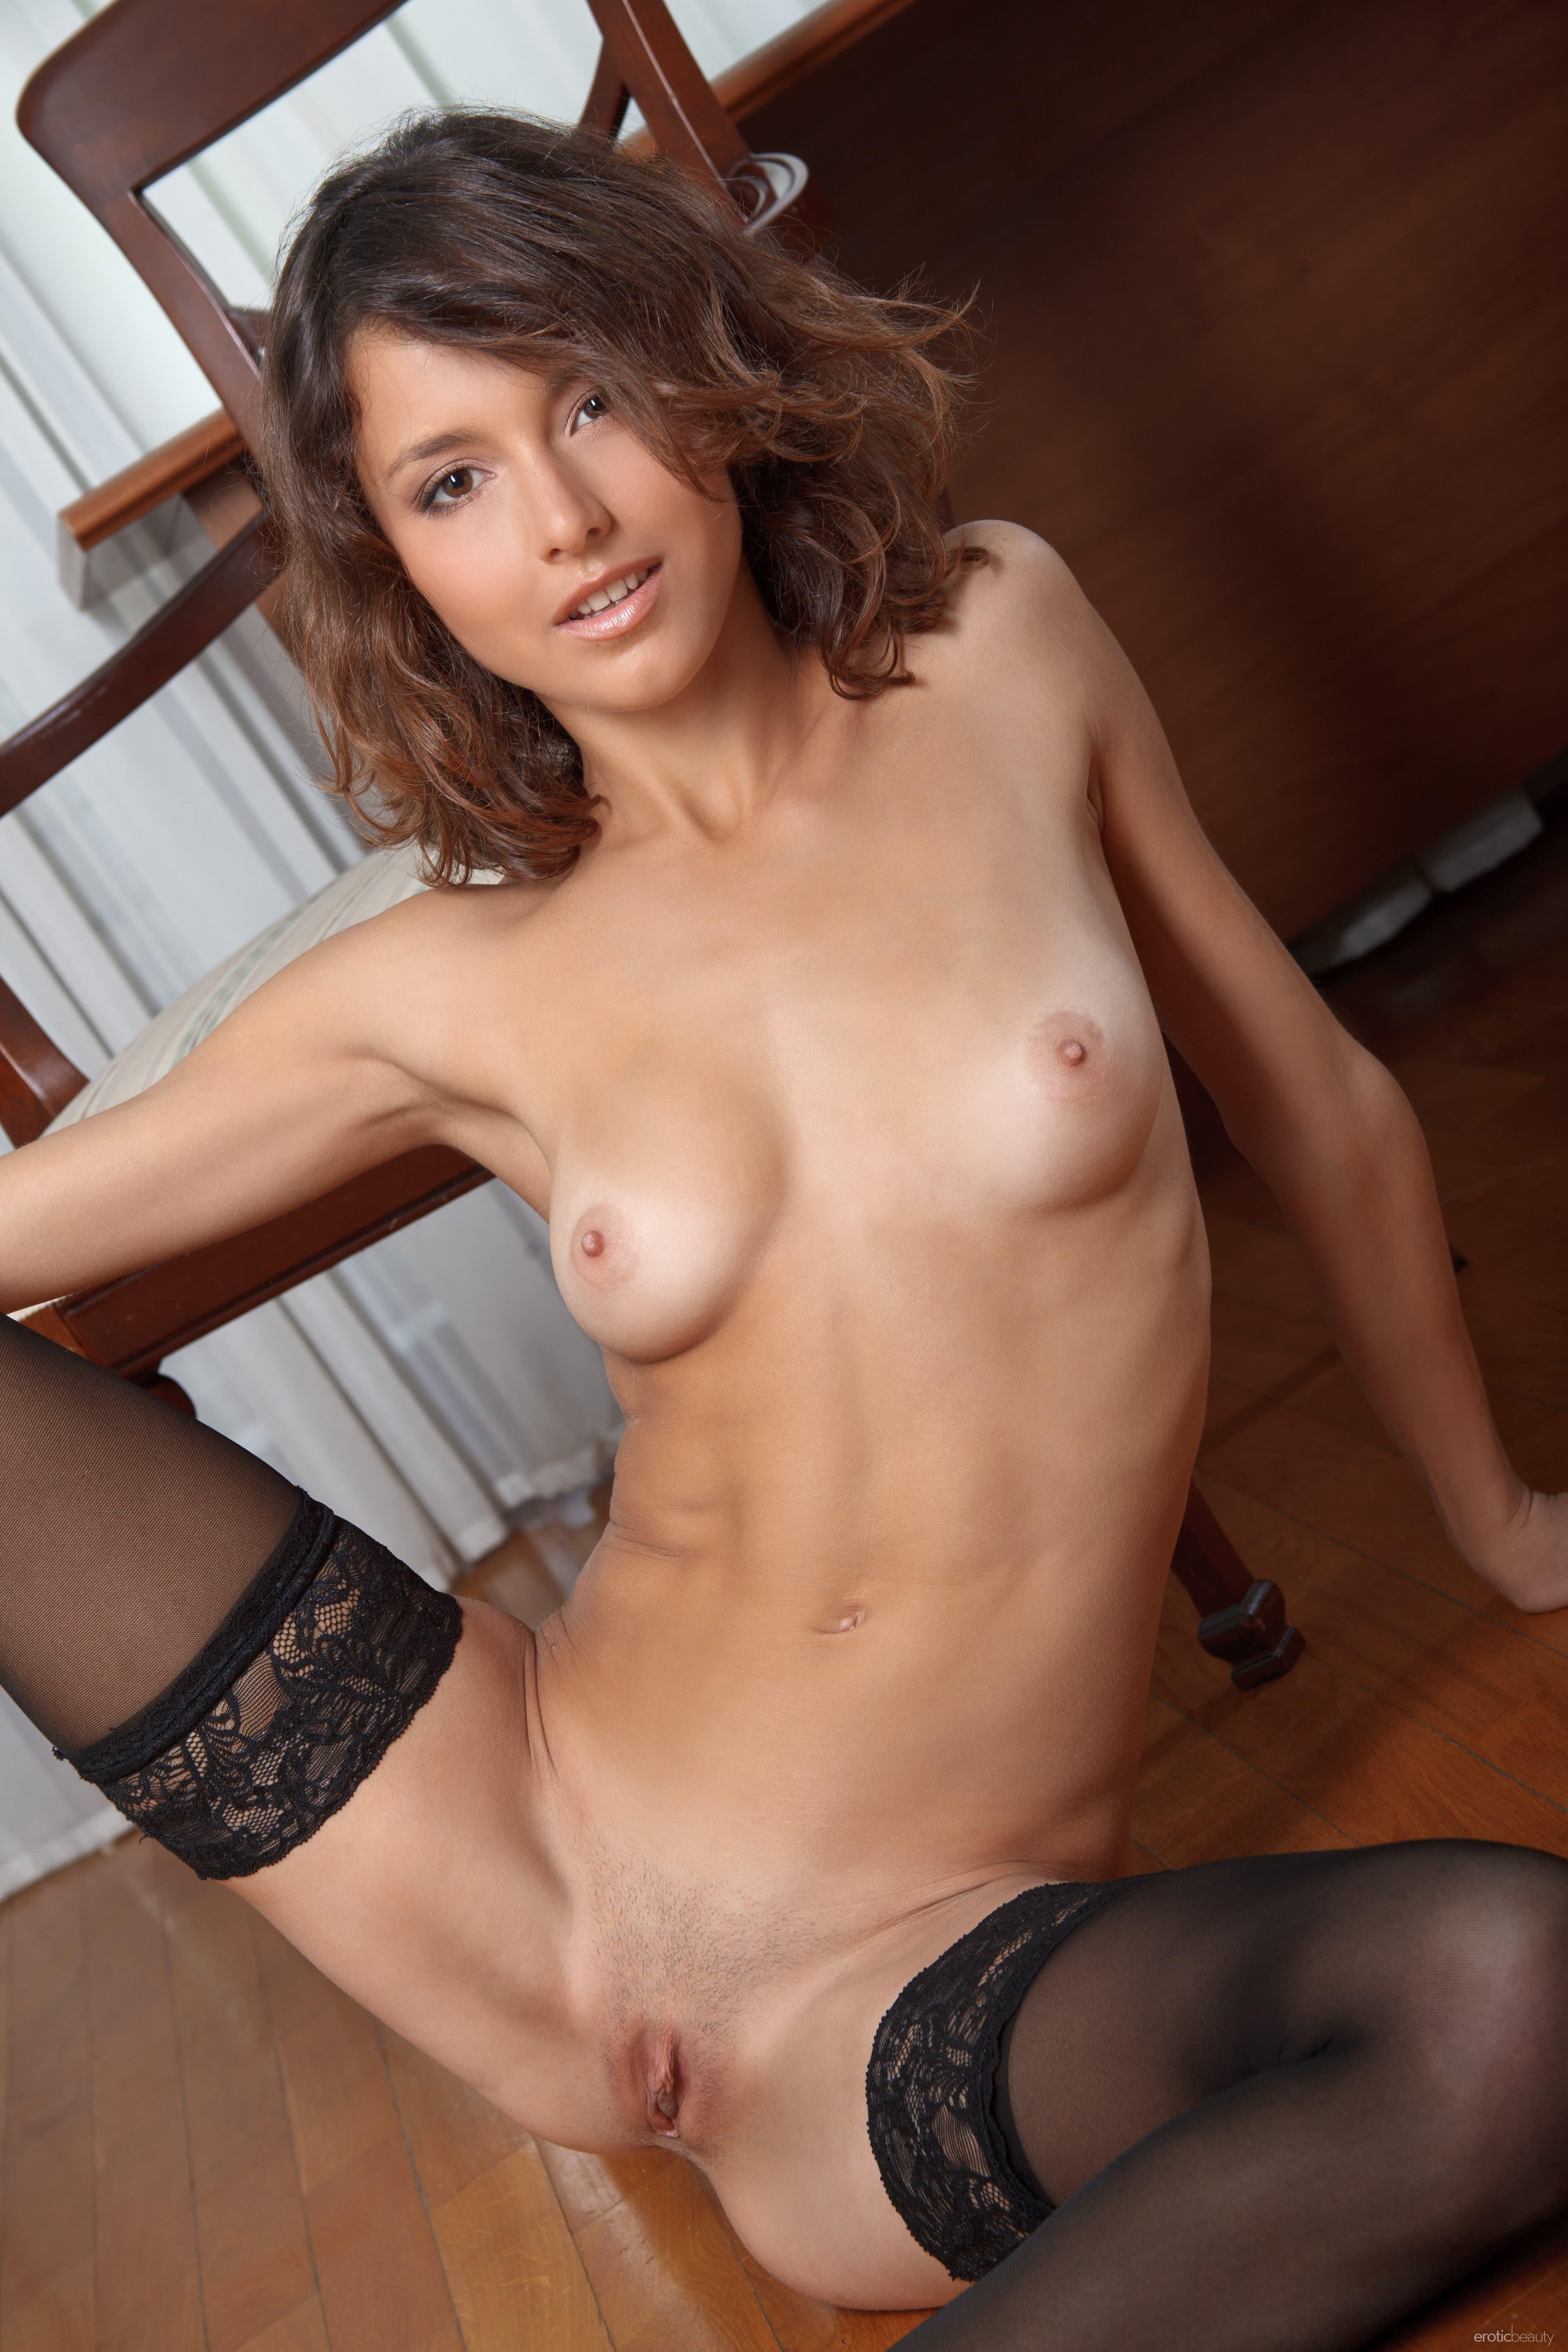 Девушка с голым телом в чулках валяется на полу - фото